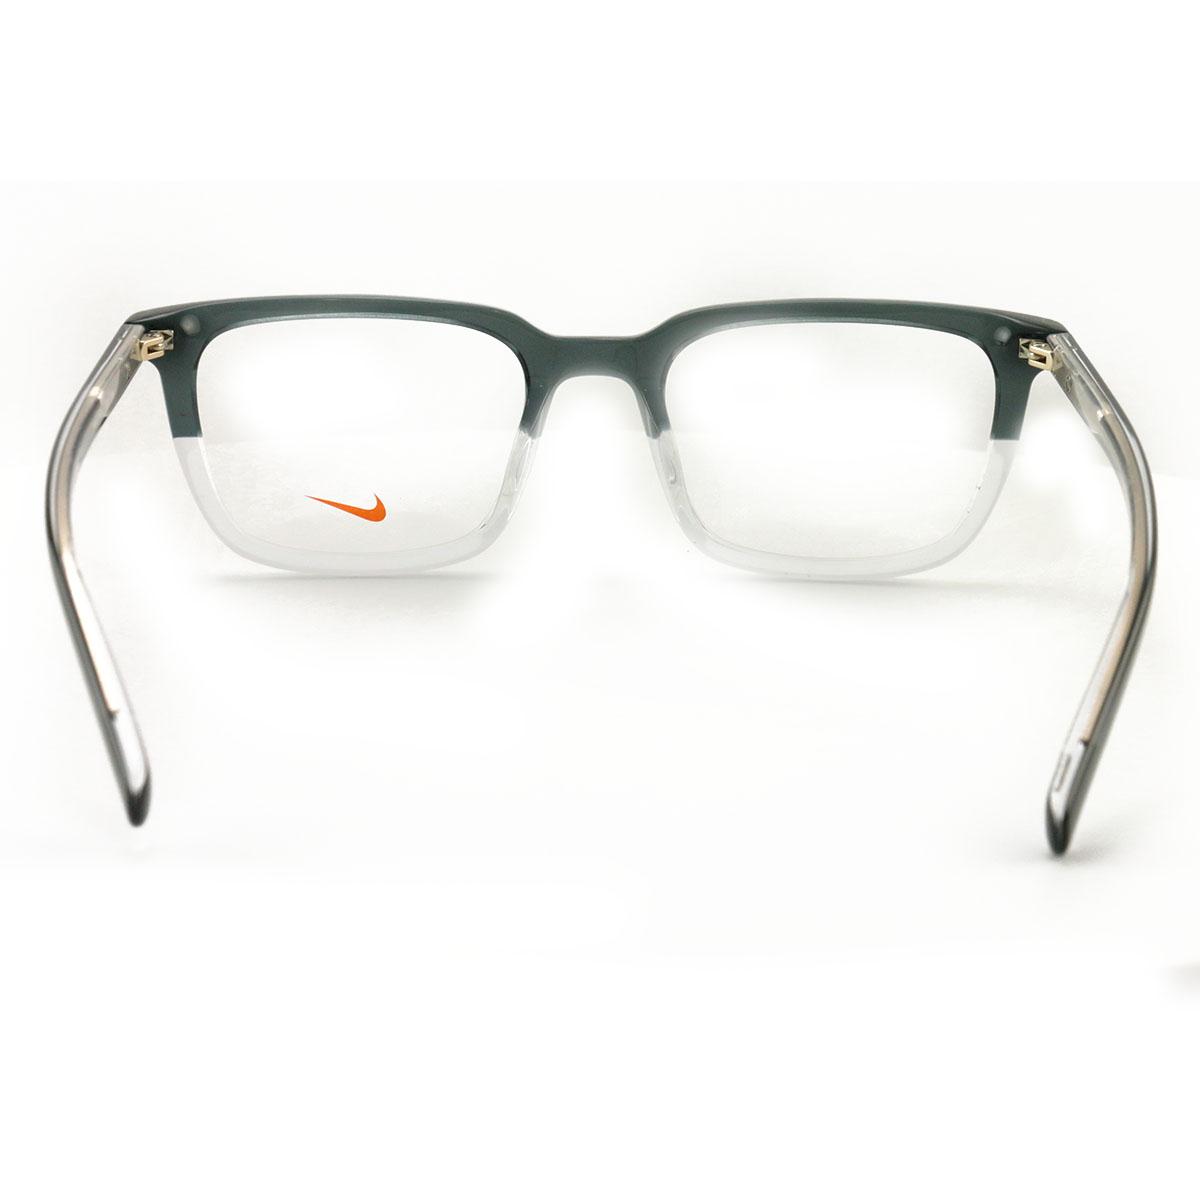 fcc5b0db84 Nike Men s Eyeglasses EV37KD 078 Black Clear 52 20 135 Demo Lens ...